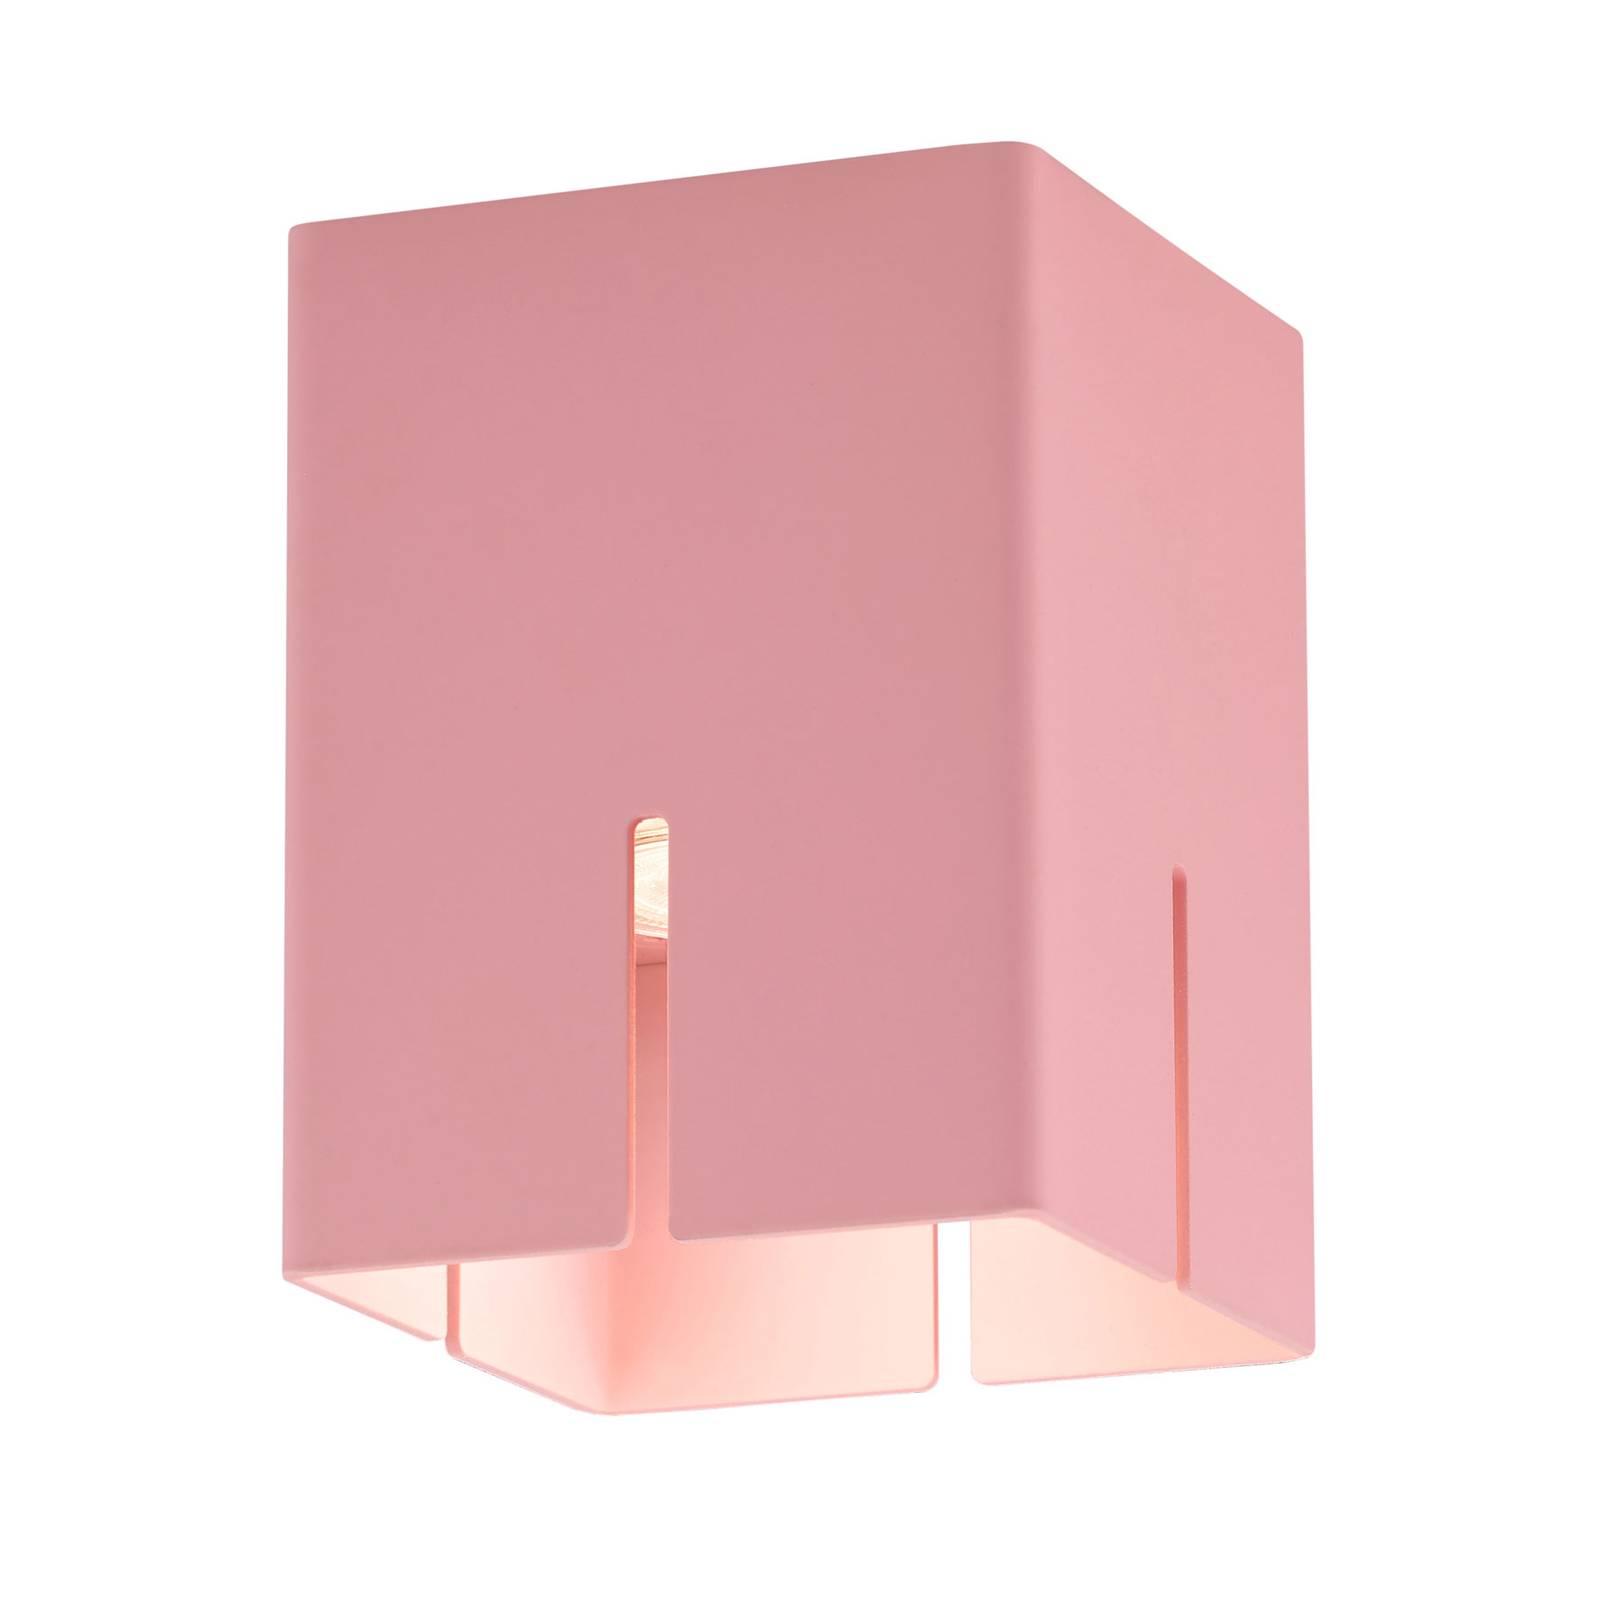 Baulmann 83.201 Deckenleuchte, rosa, Höhe 16 cm